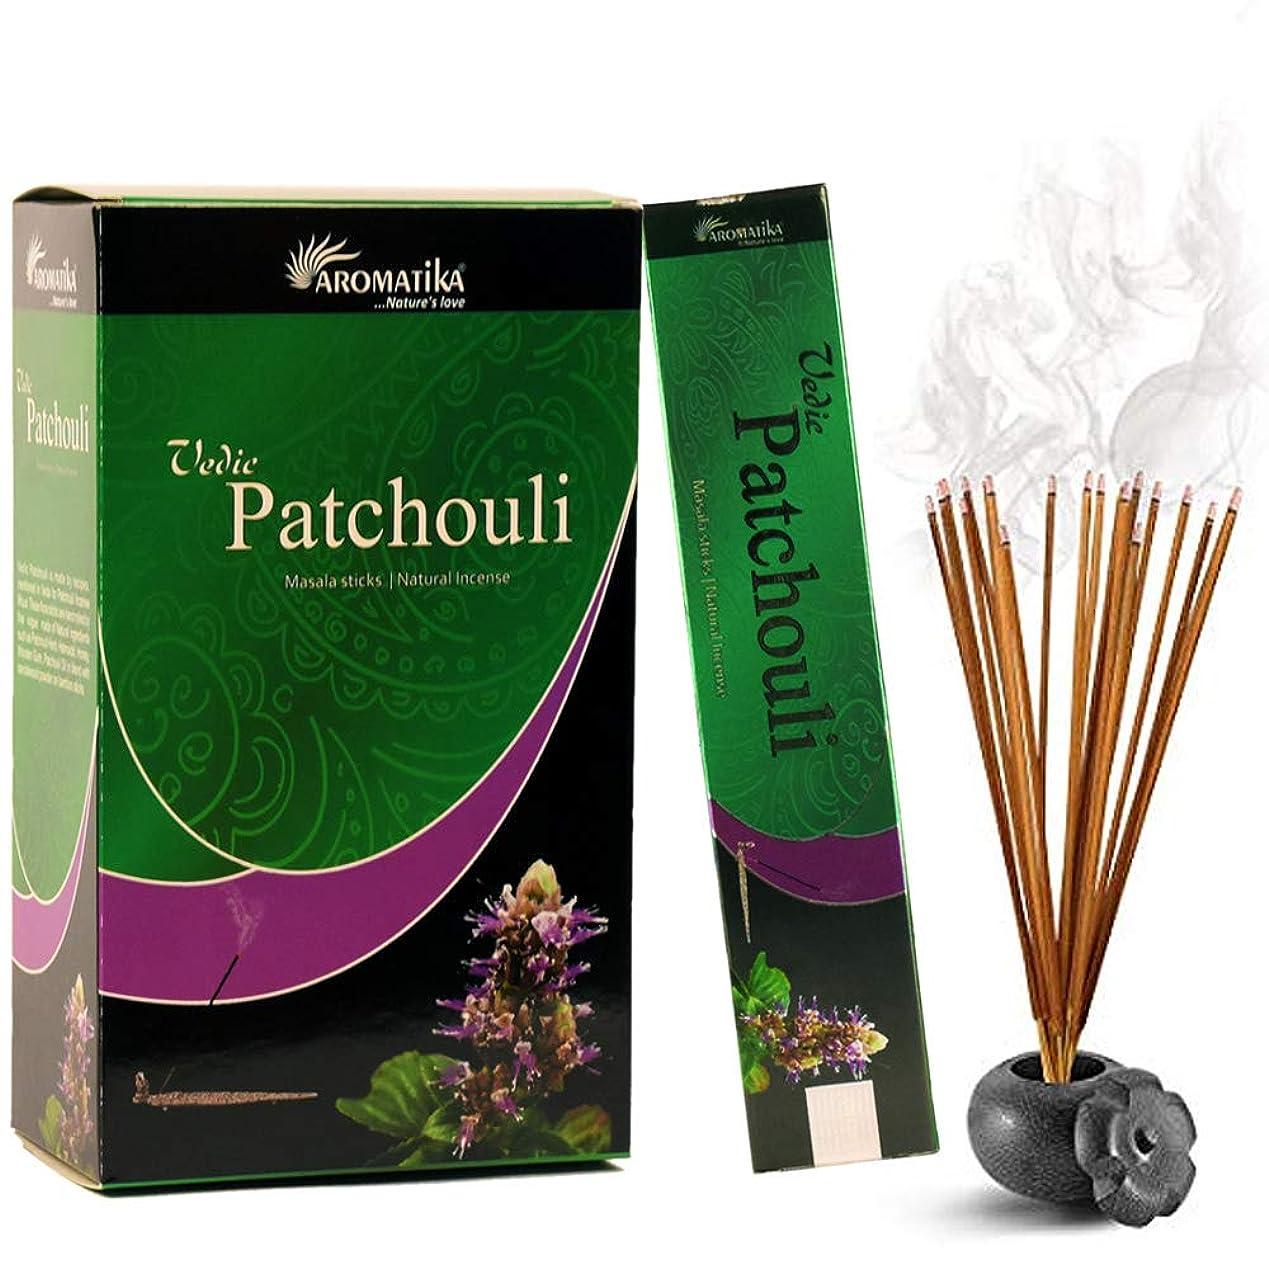 レイアベイビー揃えるaromatika Vedic Patchouli自然Masala Incense Sticks inパックof 12